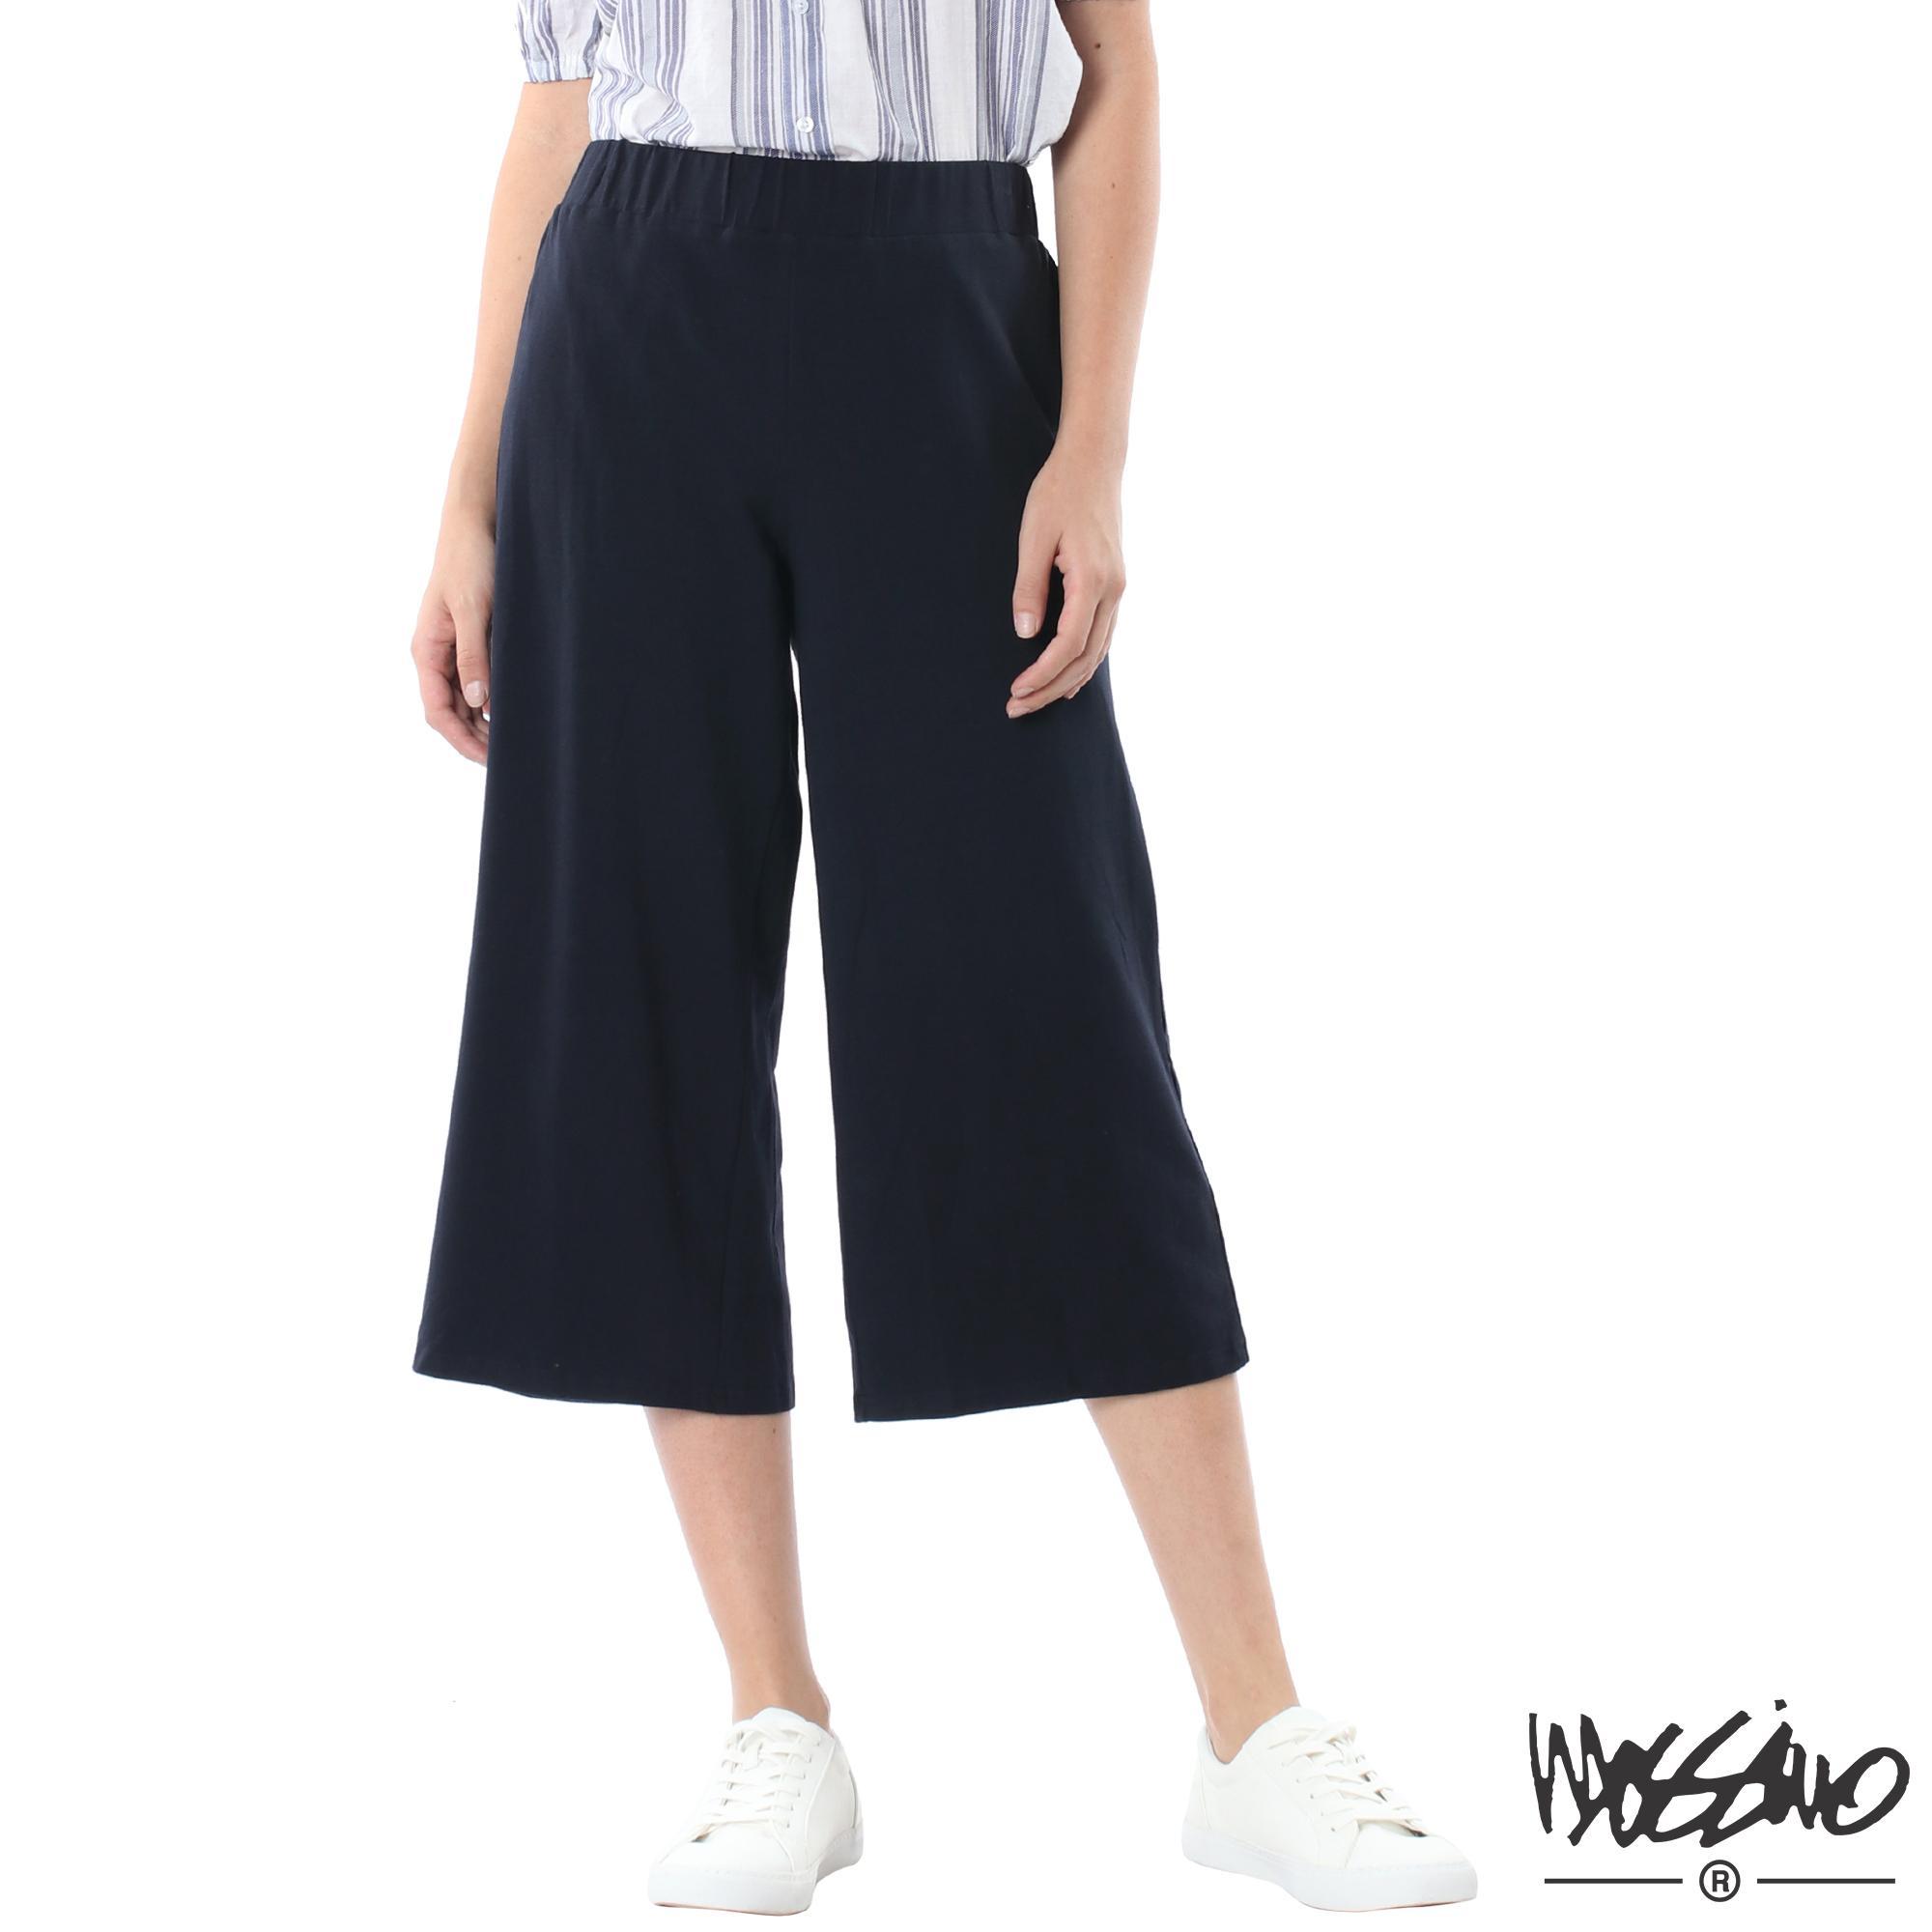 25851939ed Capri Pants for sale - Short Pants for Women Online Deals & Prices ...